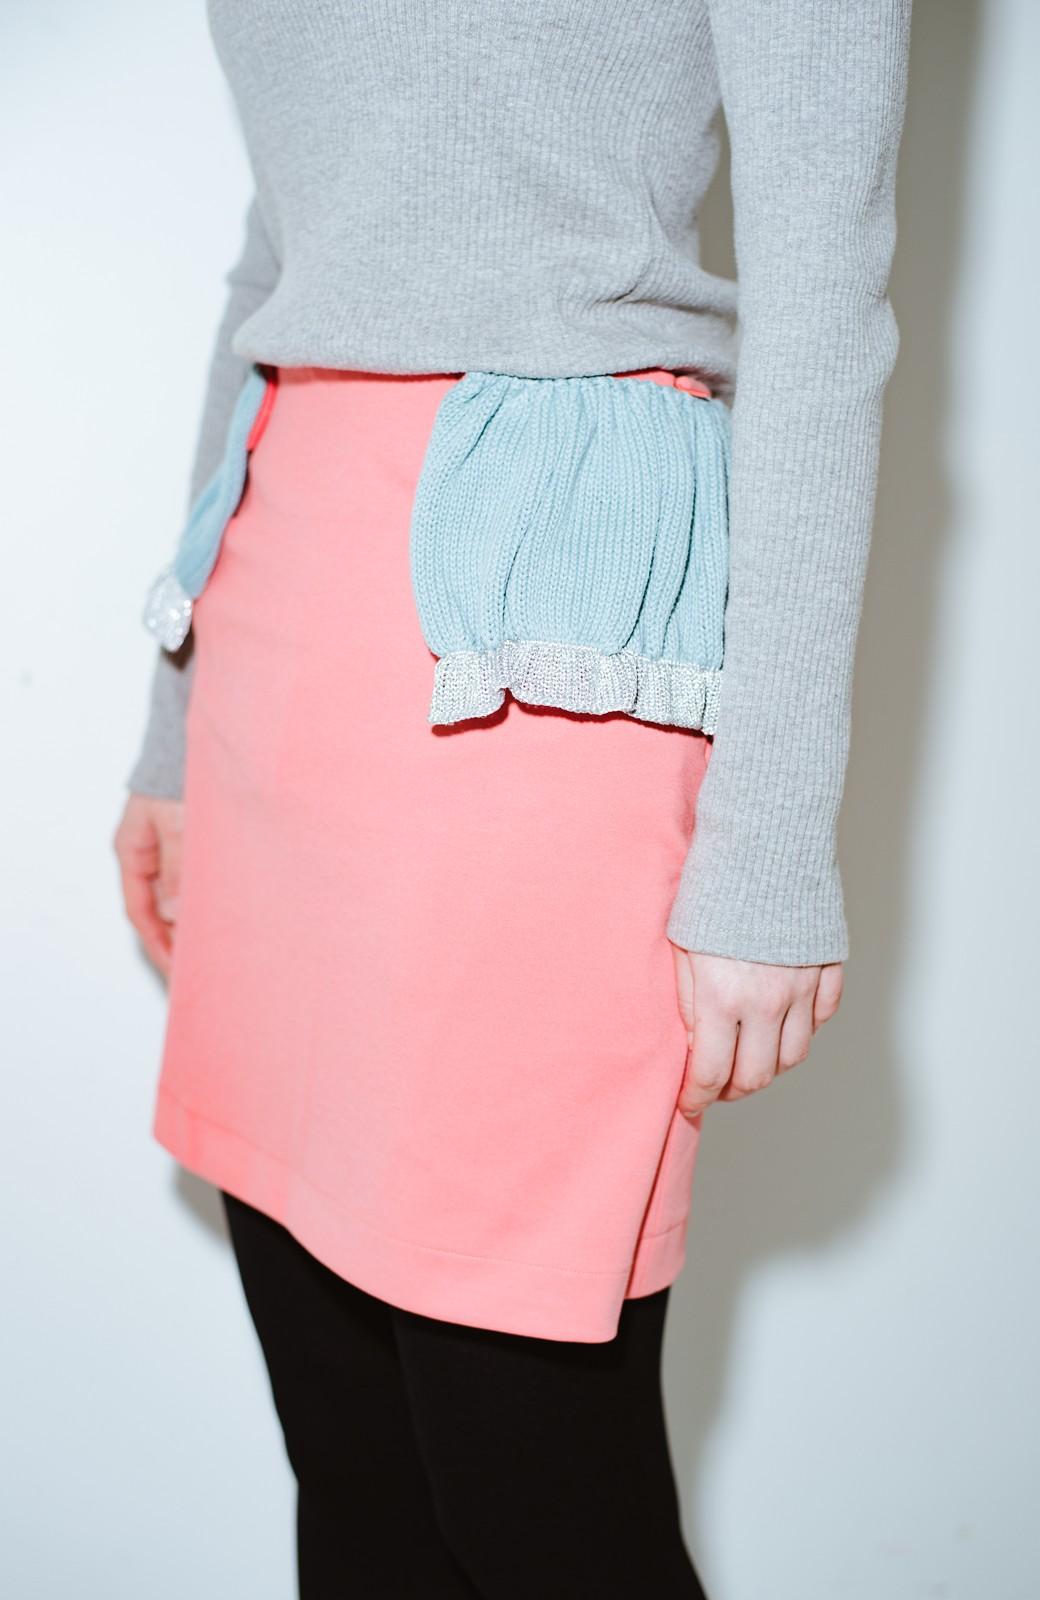 haco! co&tion accoニットフリルのスカート【アーティスト作品1点もの】 <サーモンピンク>の商品写真5